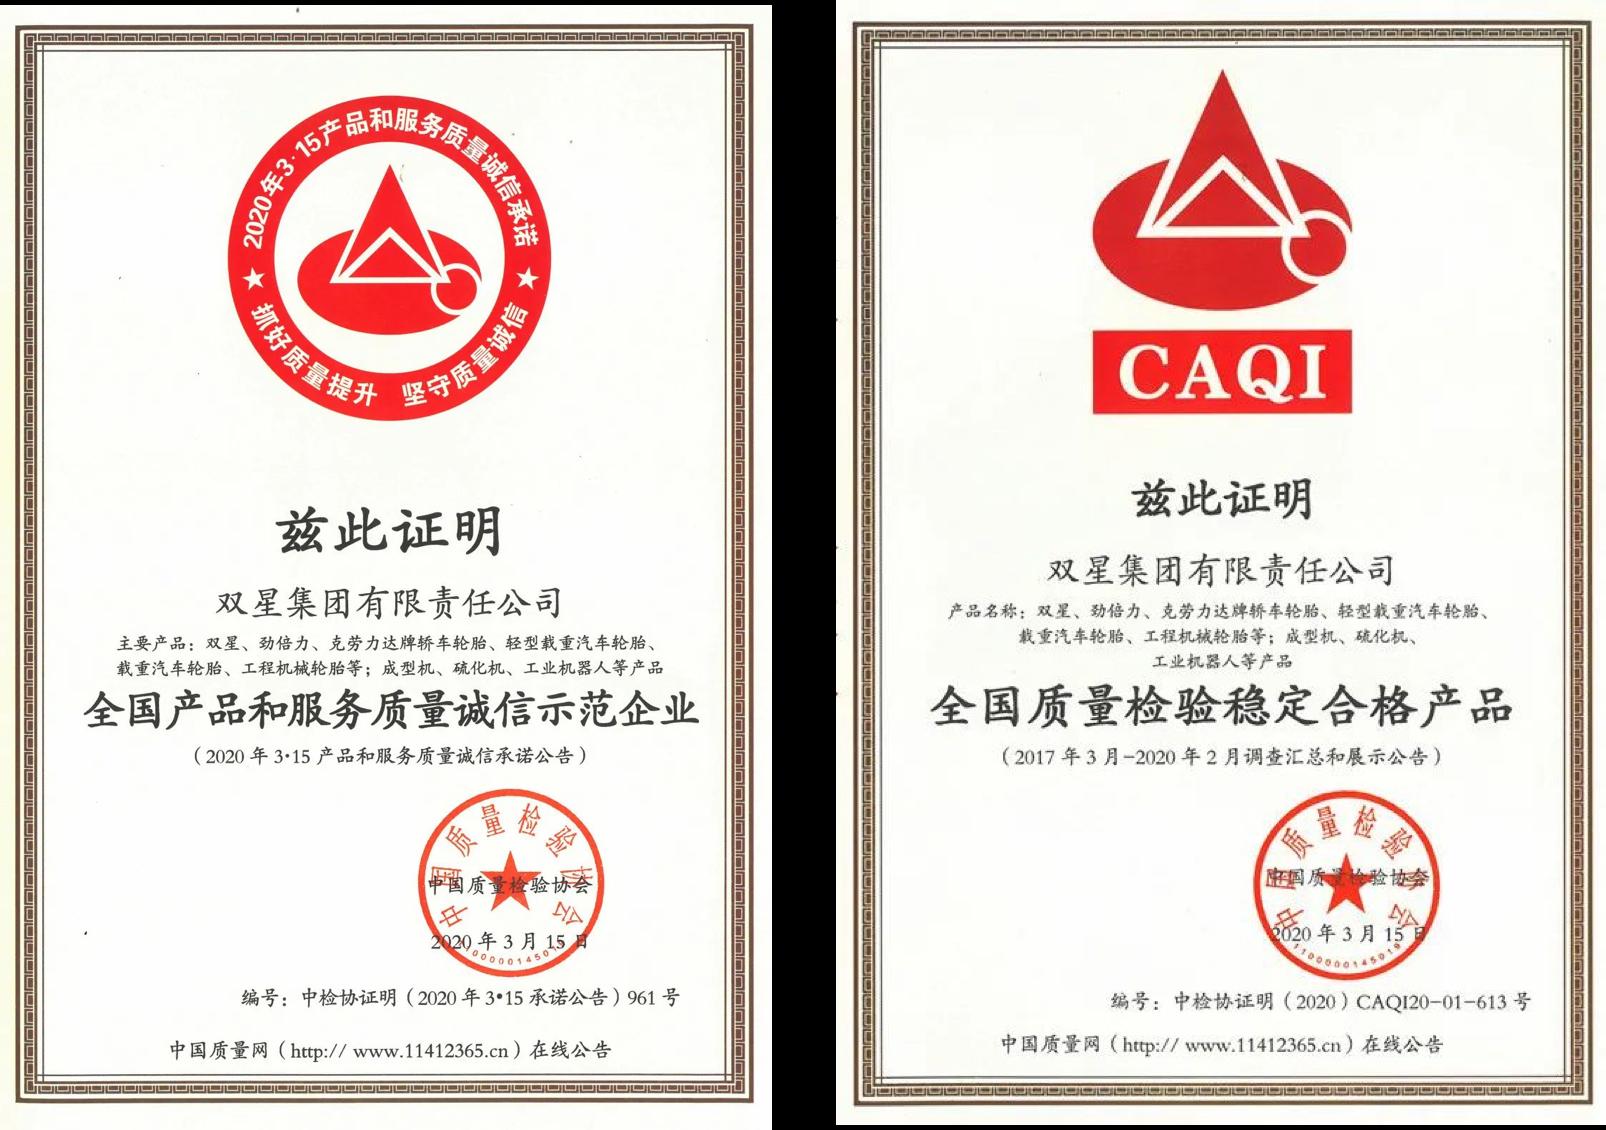 """双星荣获""""全国产品和服务质量诚信示范企业""""等两项殊荣"""